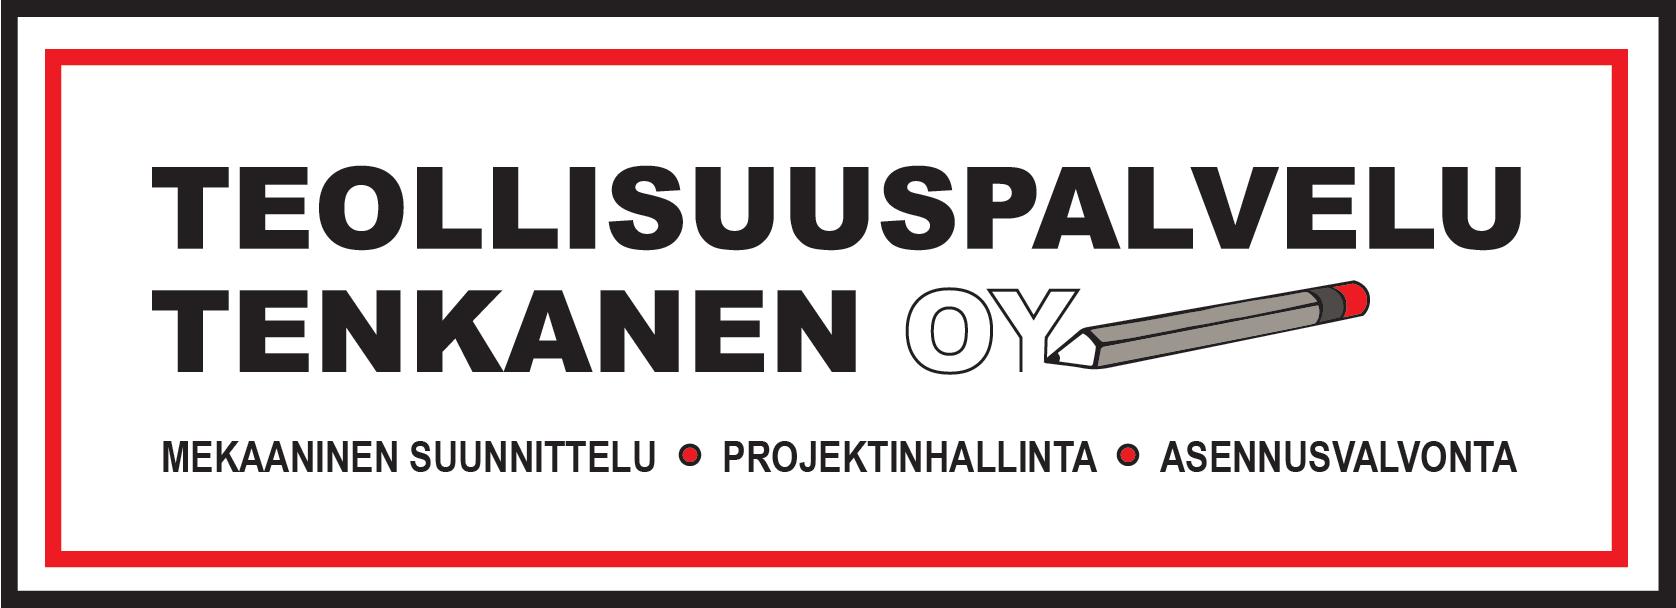 Teollisuuspalvelu Tenkanen Oy logo